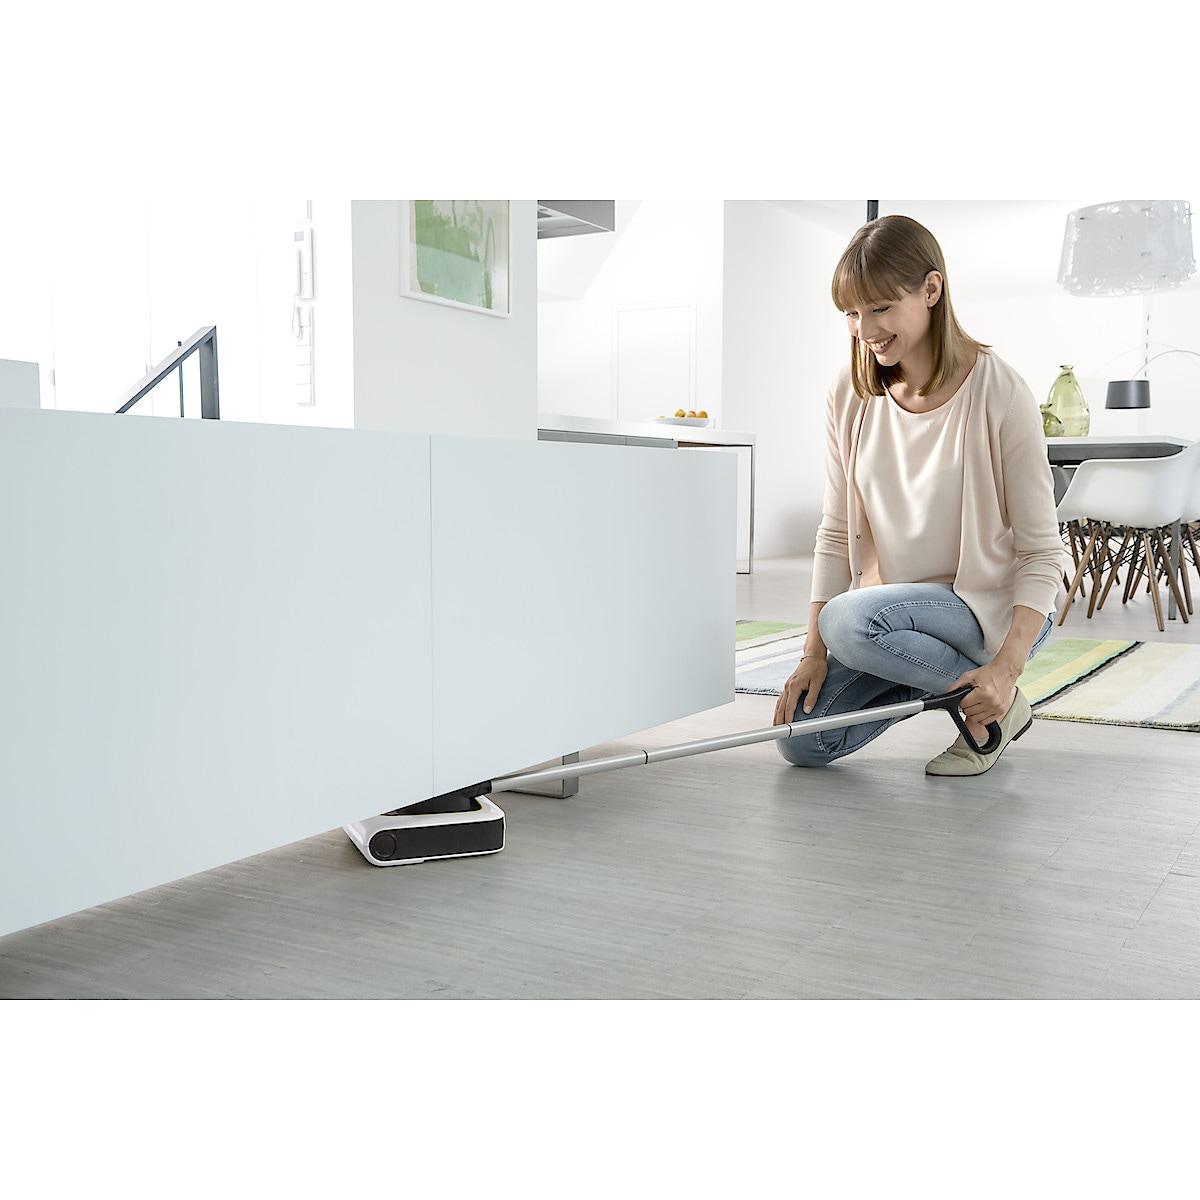 Uppladdningsbar golv- och mattsopare Kärcher KB5